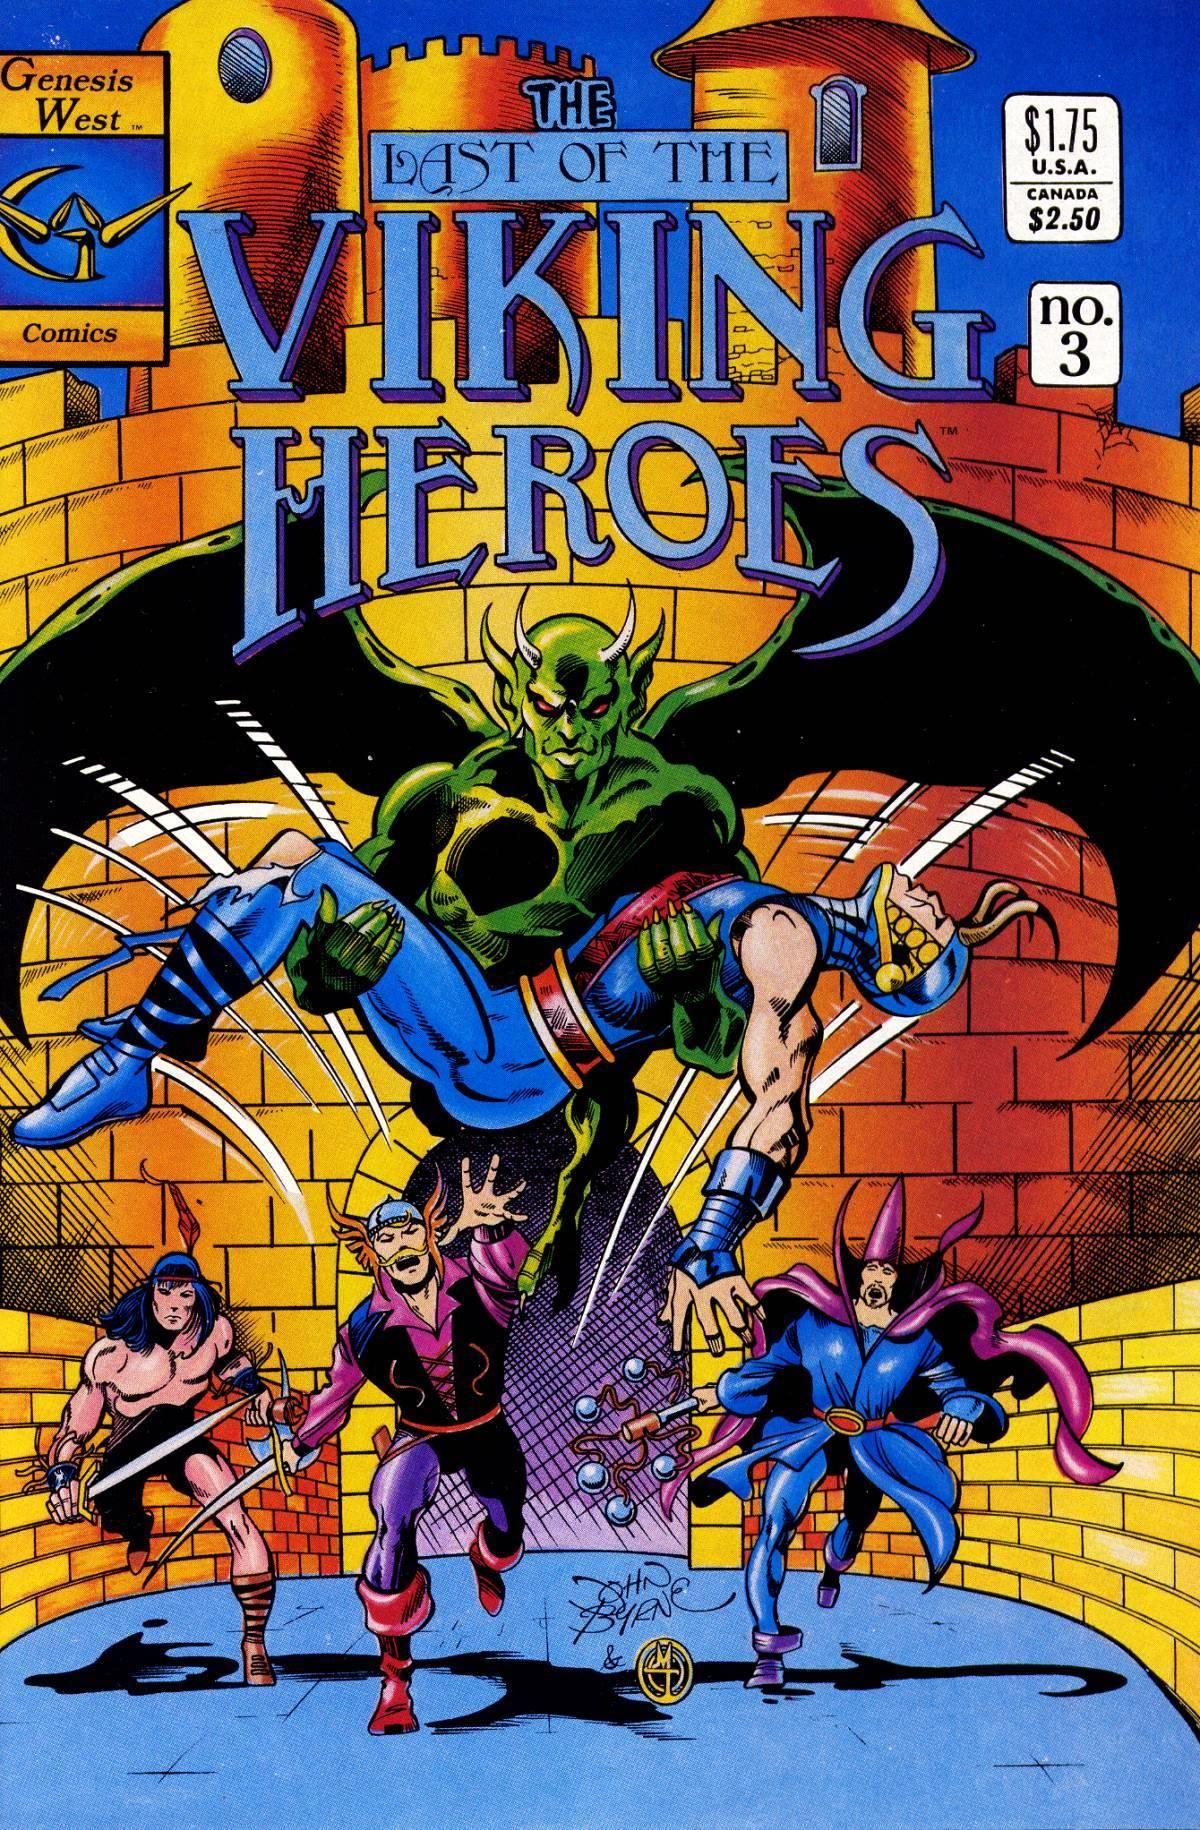 Last of the Viking Heroes 003 1987